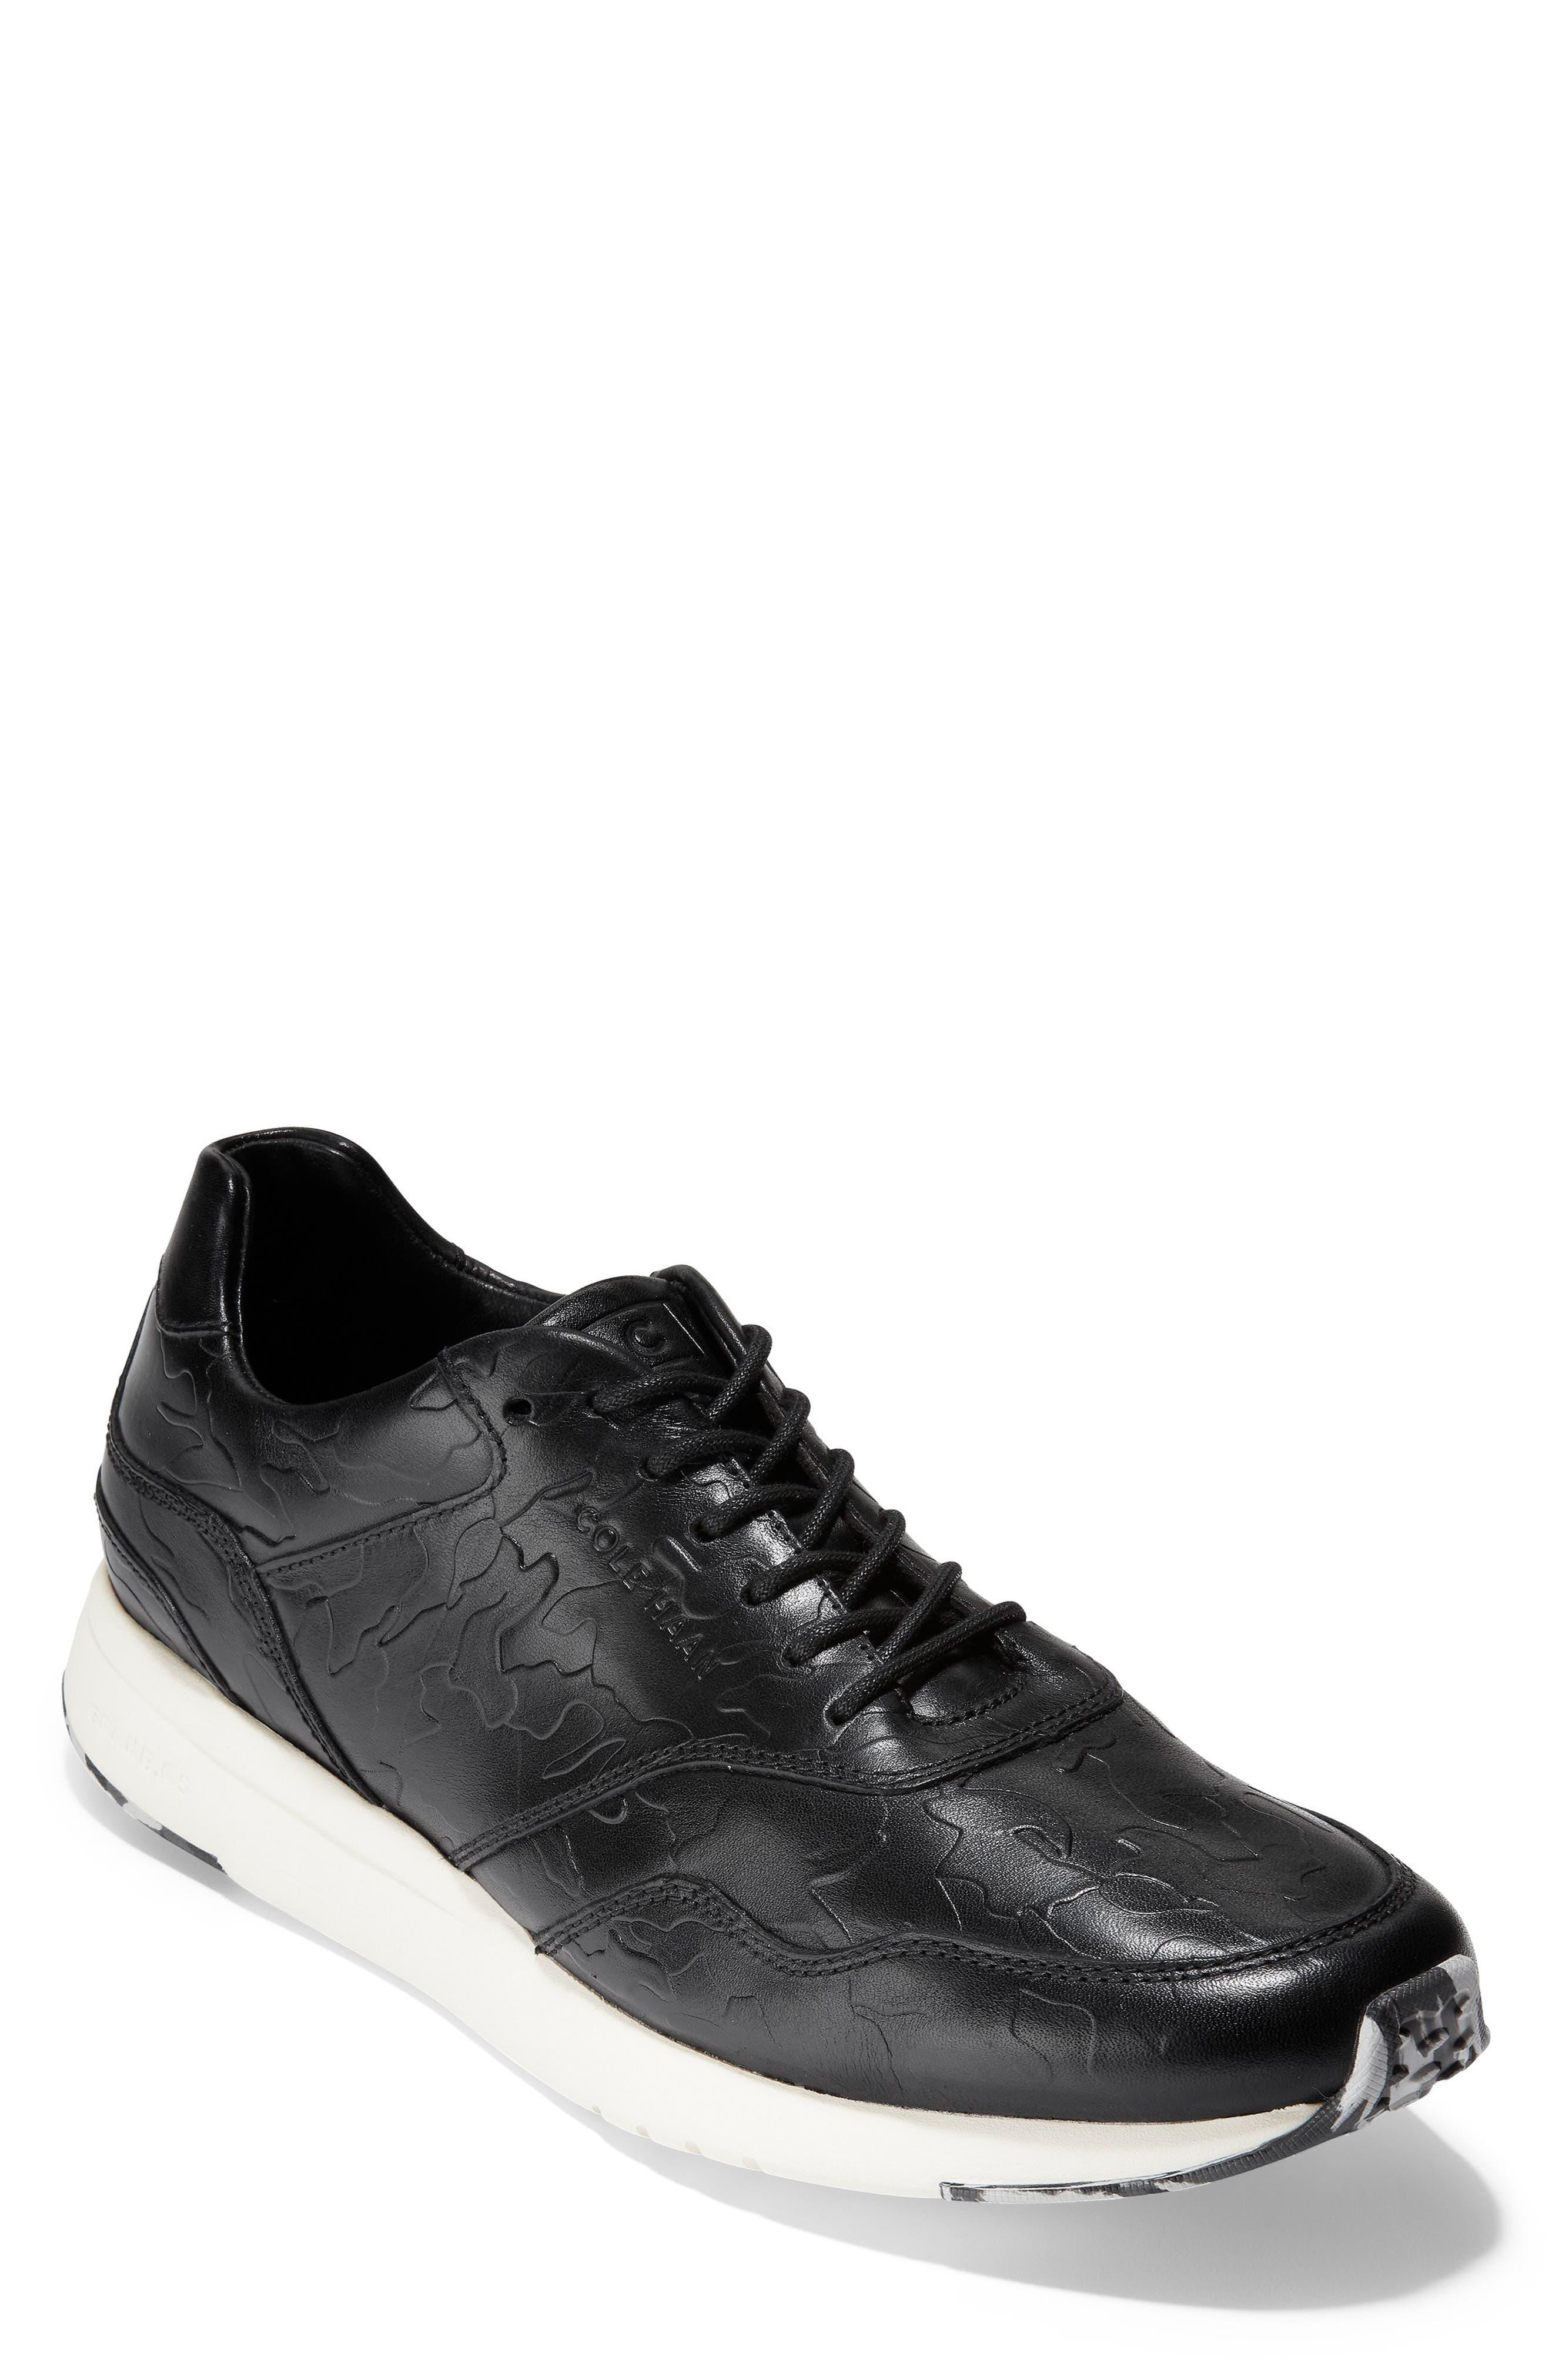 Cole Haan Grandpro Sneaker, Black